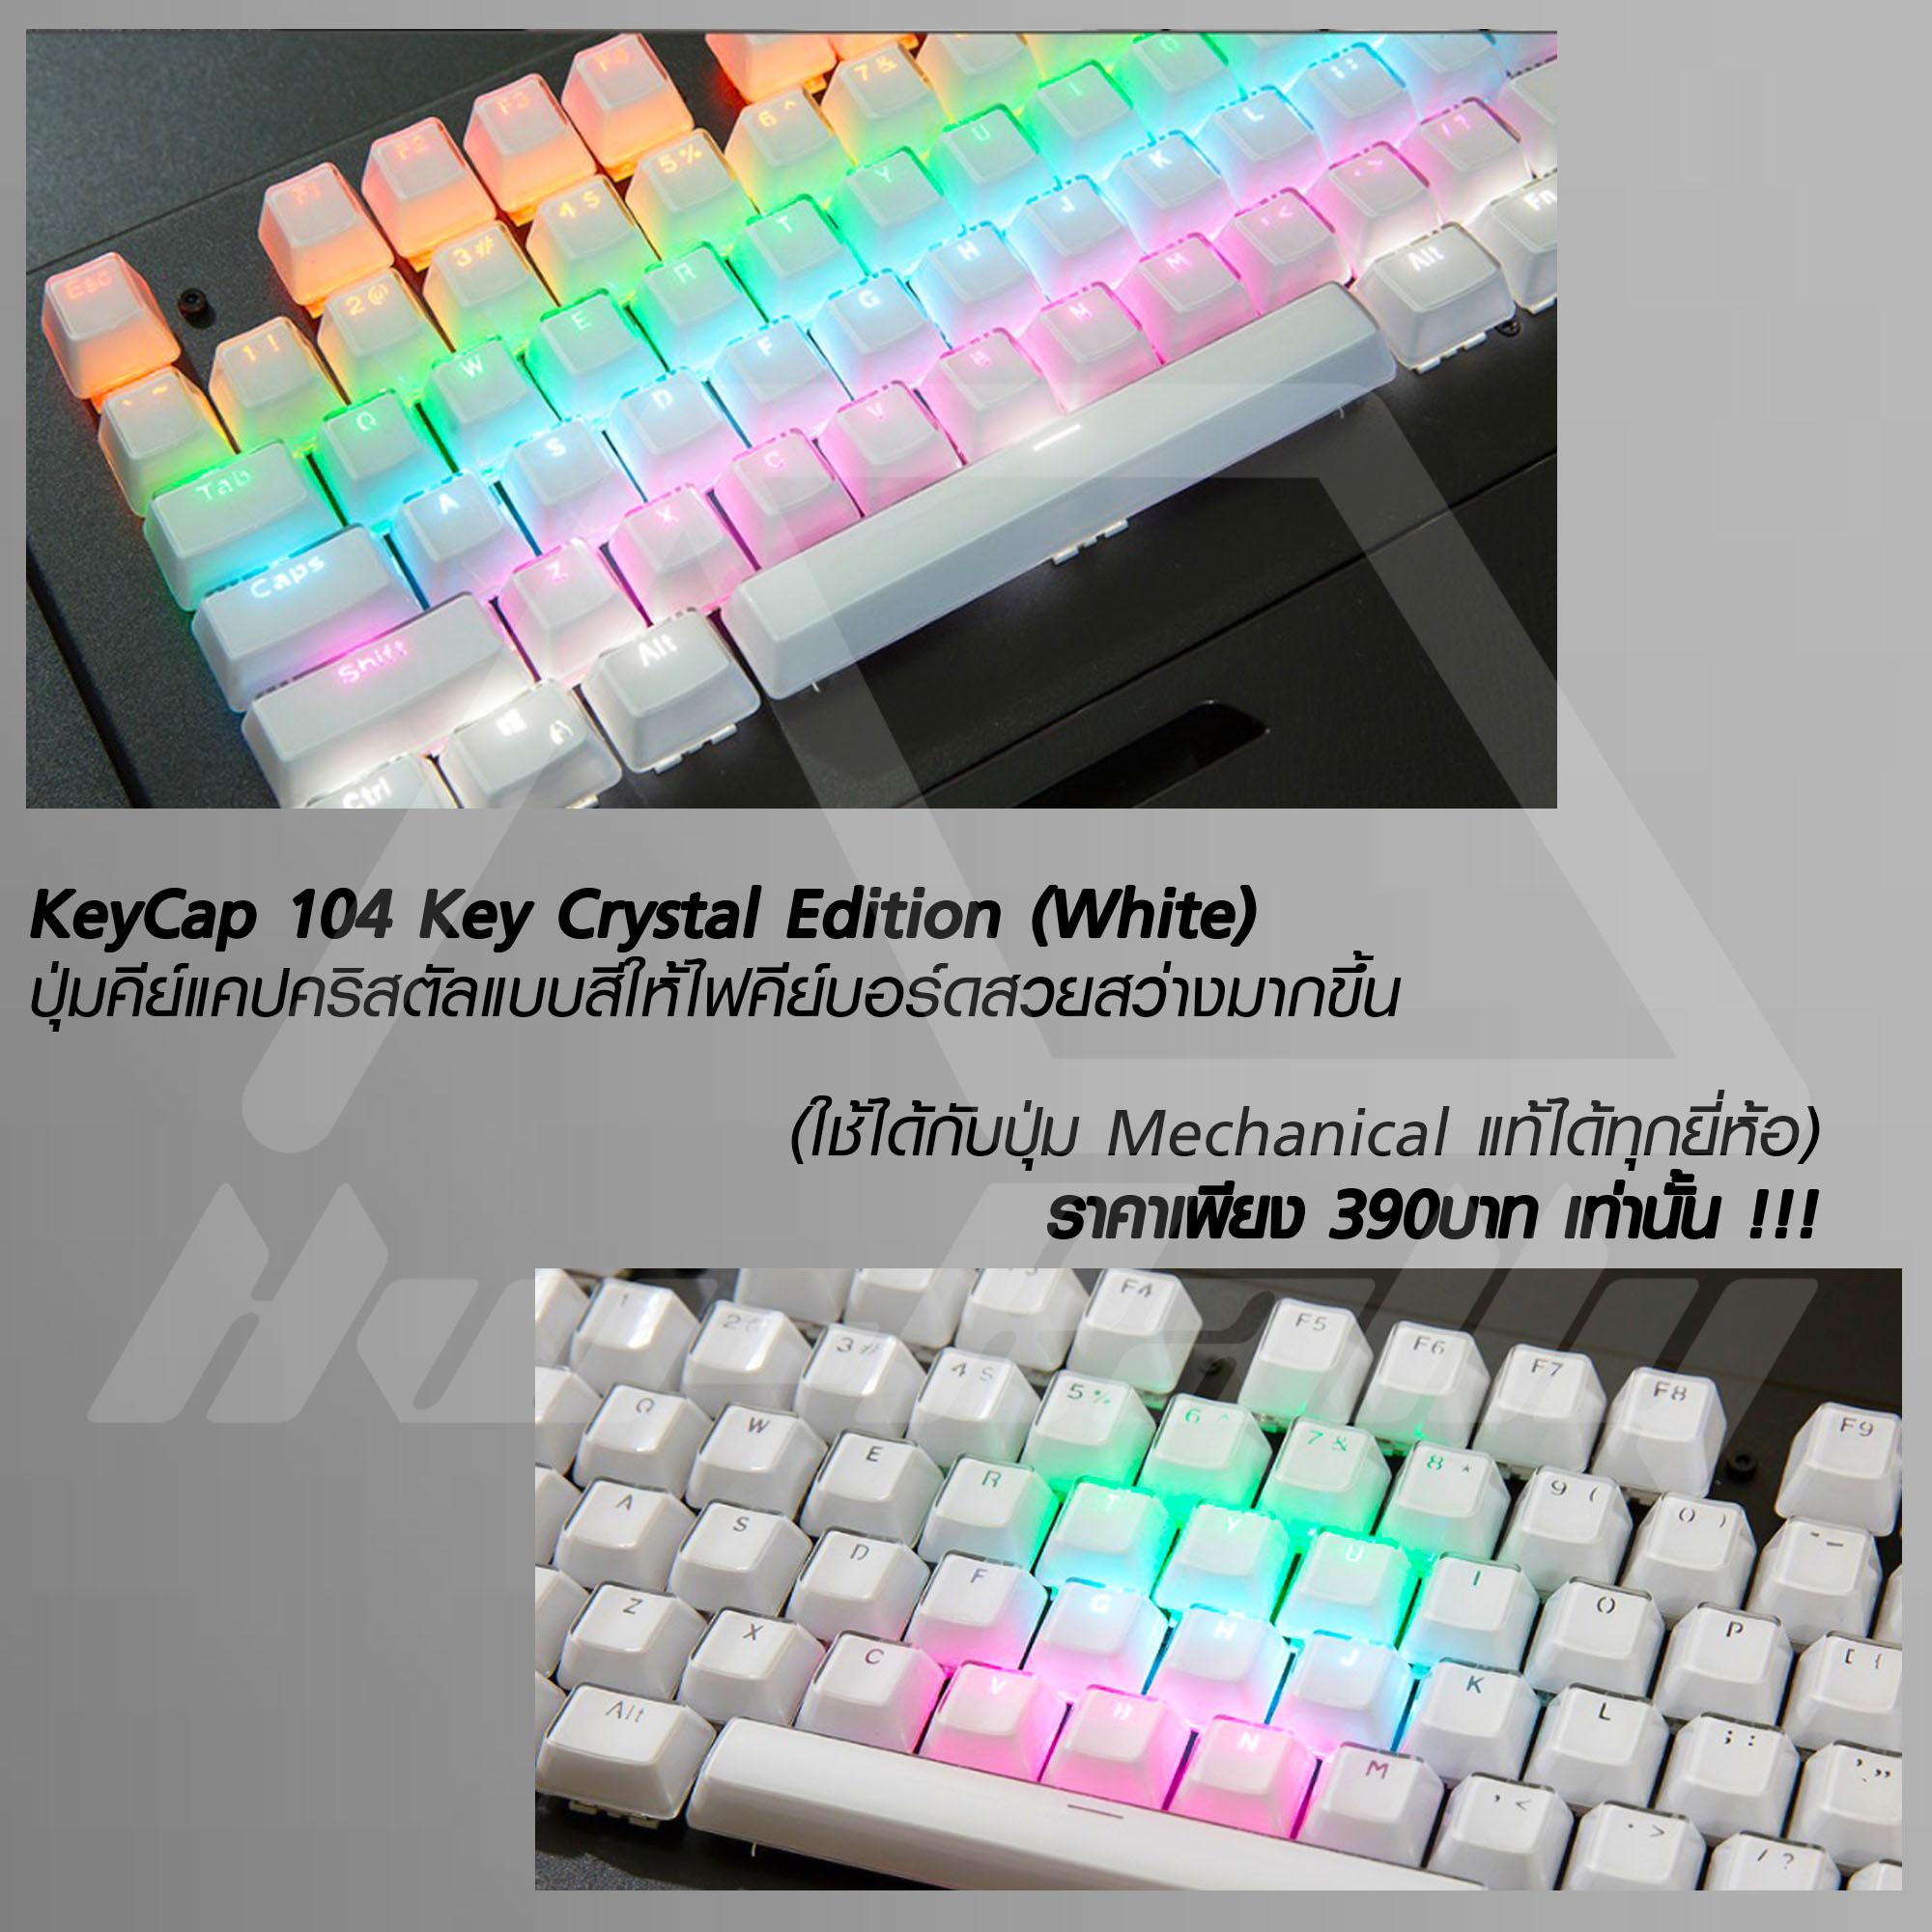 😎 KeyCap Crystal Edition 104 Key 😎